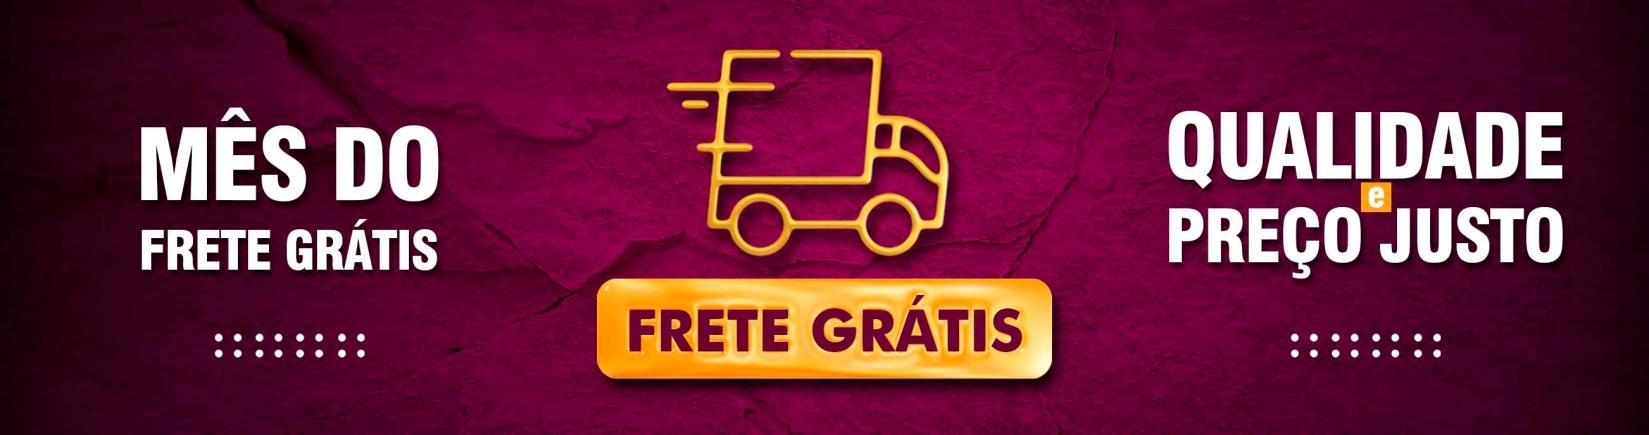 MÊS DO FRETE GRÁTIS